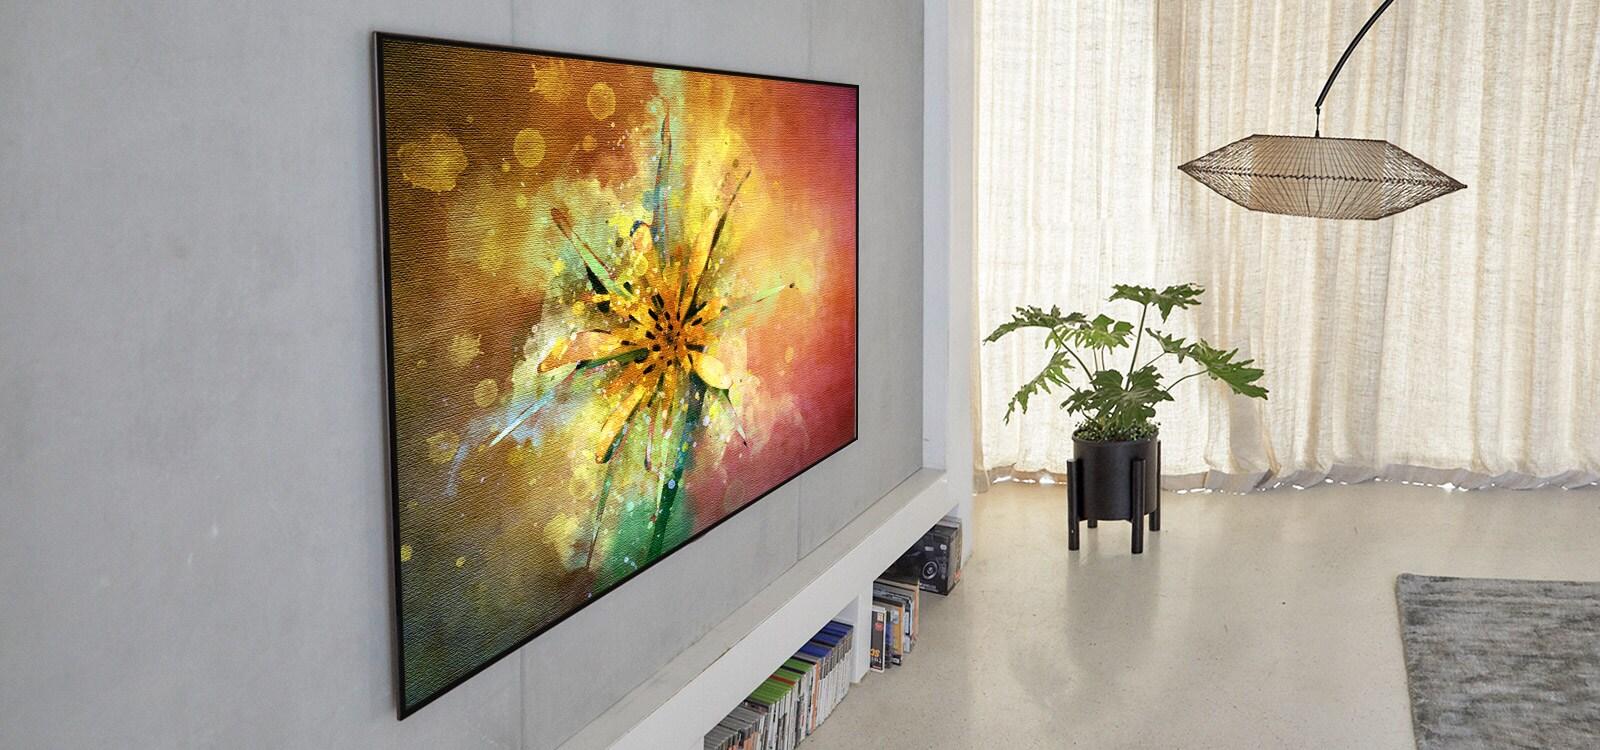 Salón con un televisor que muestra un cuadro de una flor